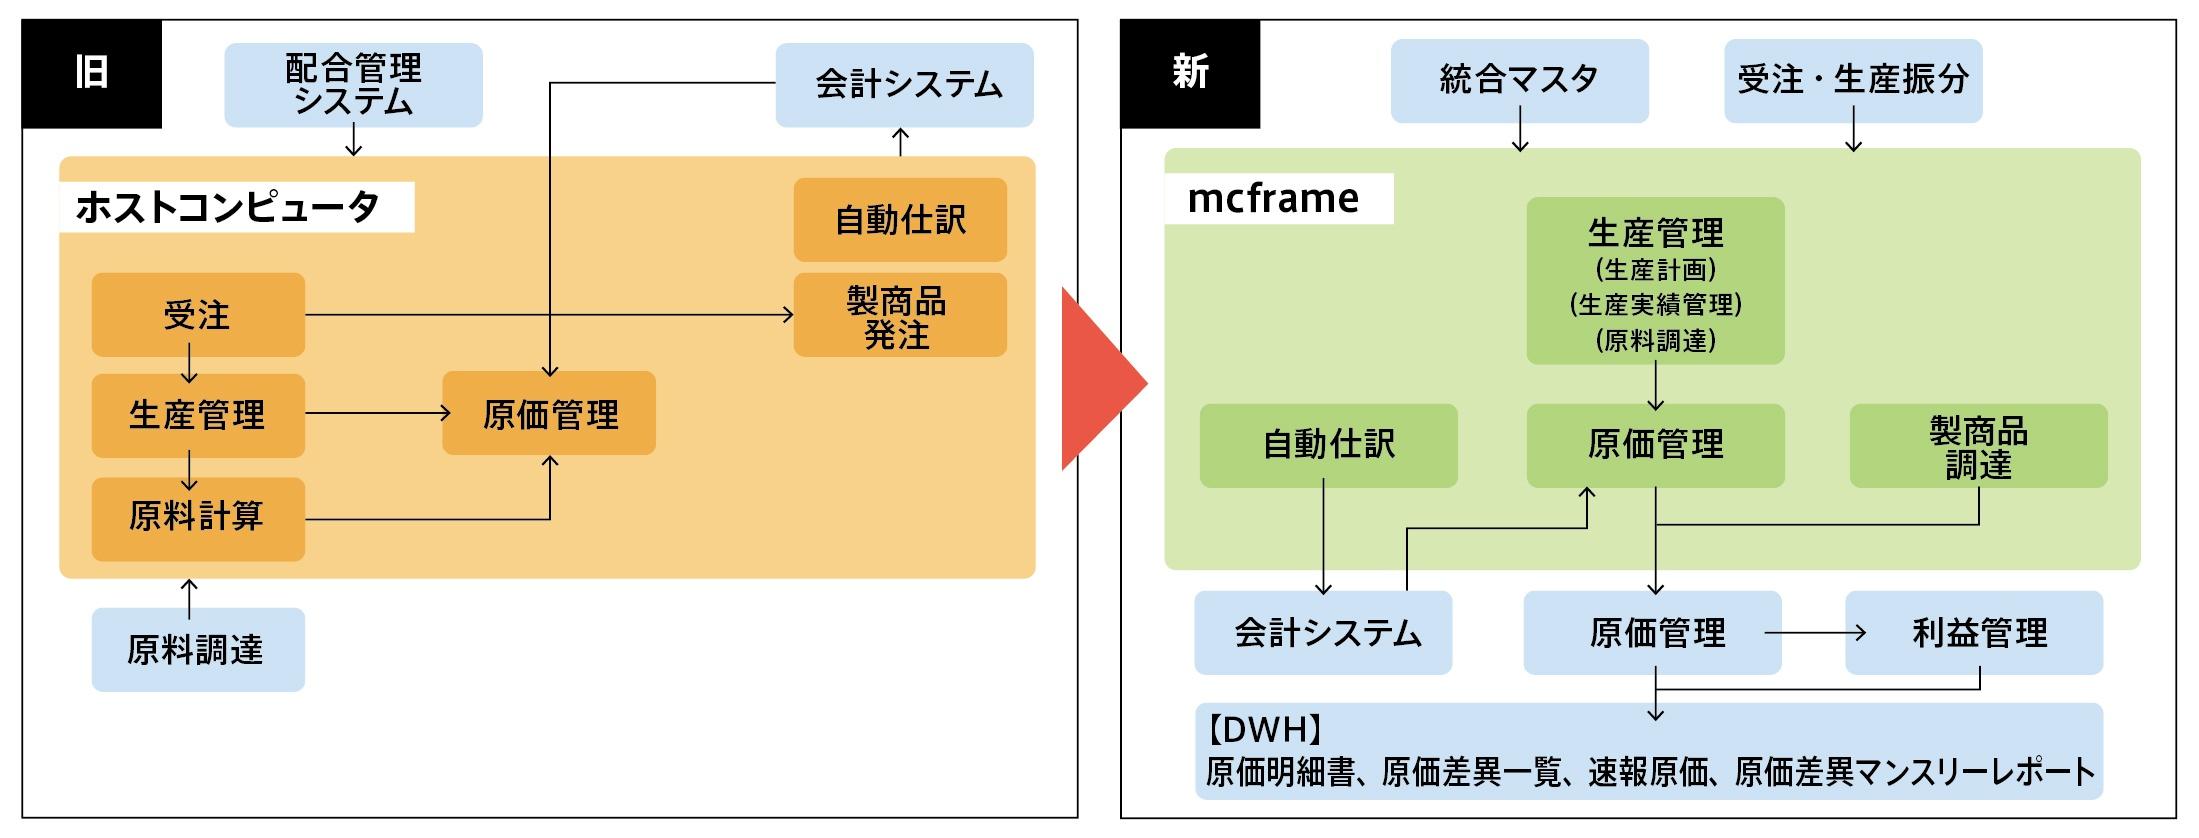 システム新旧機能配置図